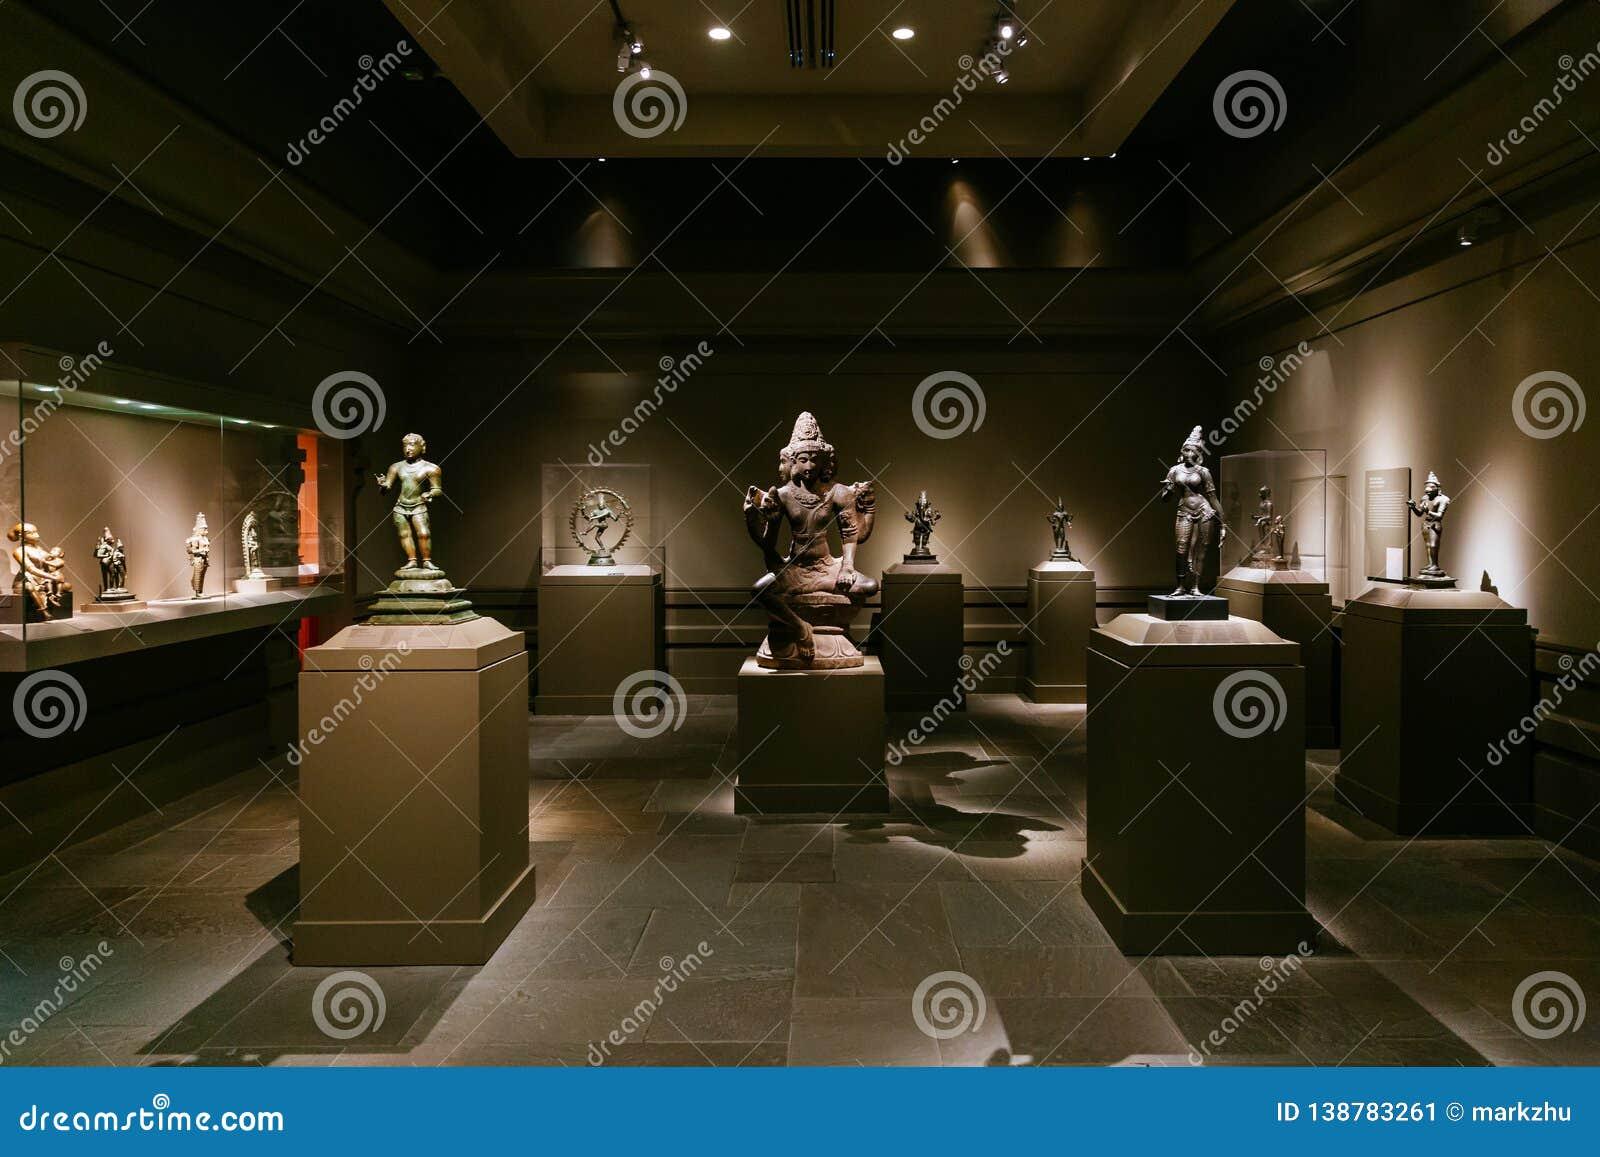 Индийское искусство и статуи на дисплее в музее Метрополитен искусства